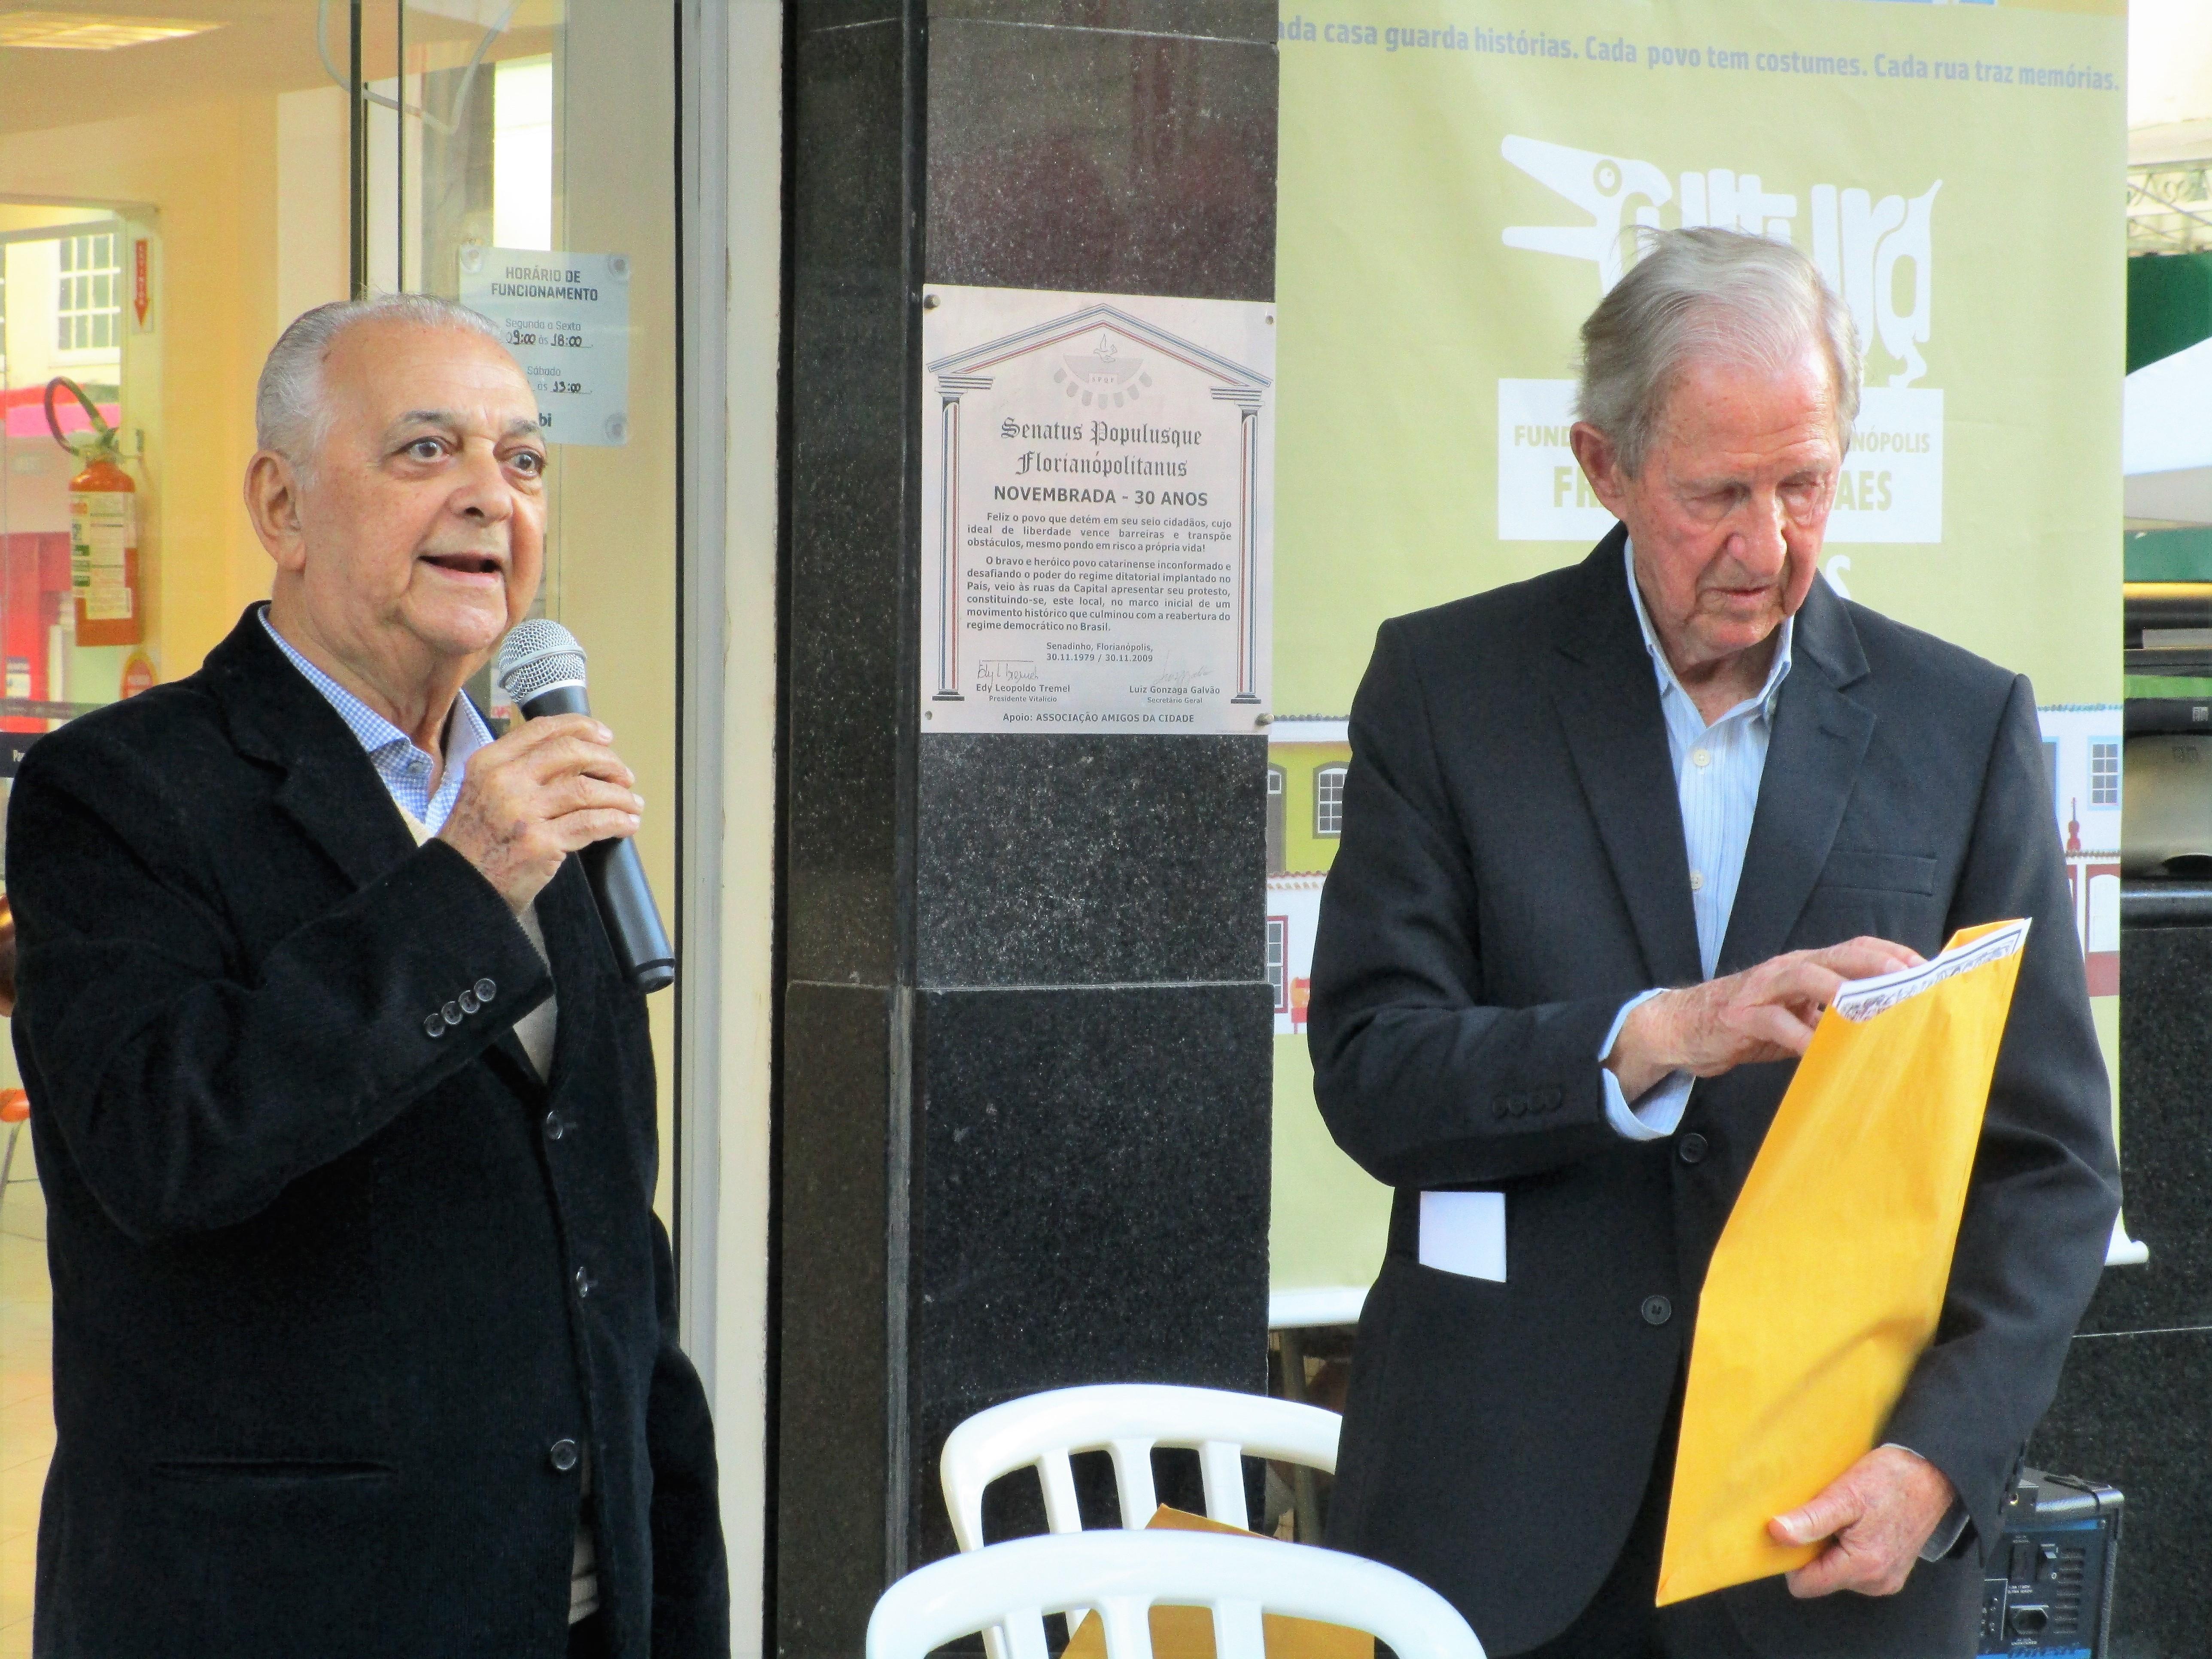 Jorge Seara Polidoro, o Estimado, 83 anos, um dos novos senadores honorários - Carlos Damião